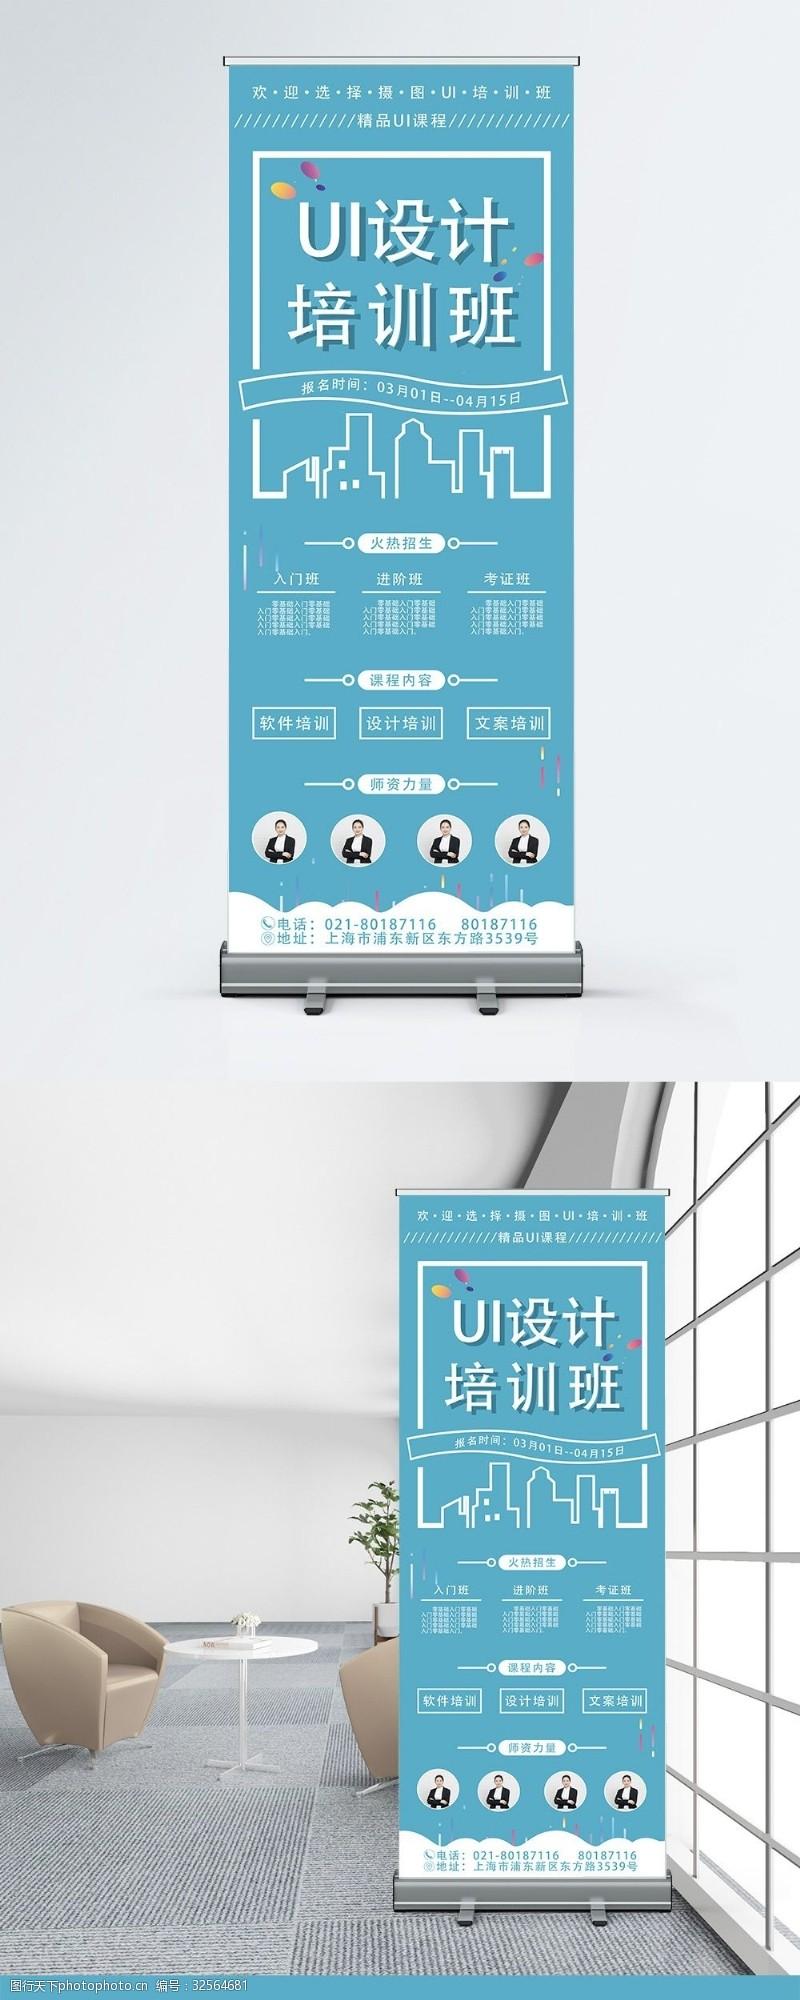 學ui簡約清爽風格UI設計培訓教育招生創意展架